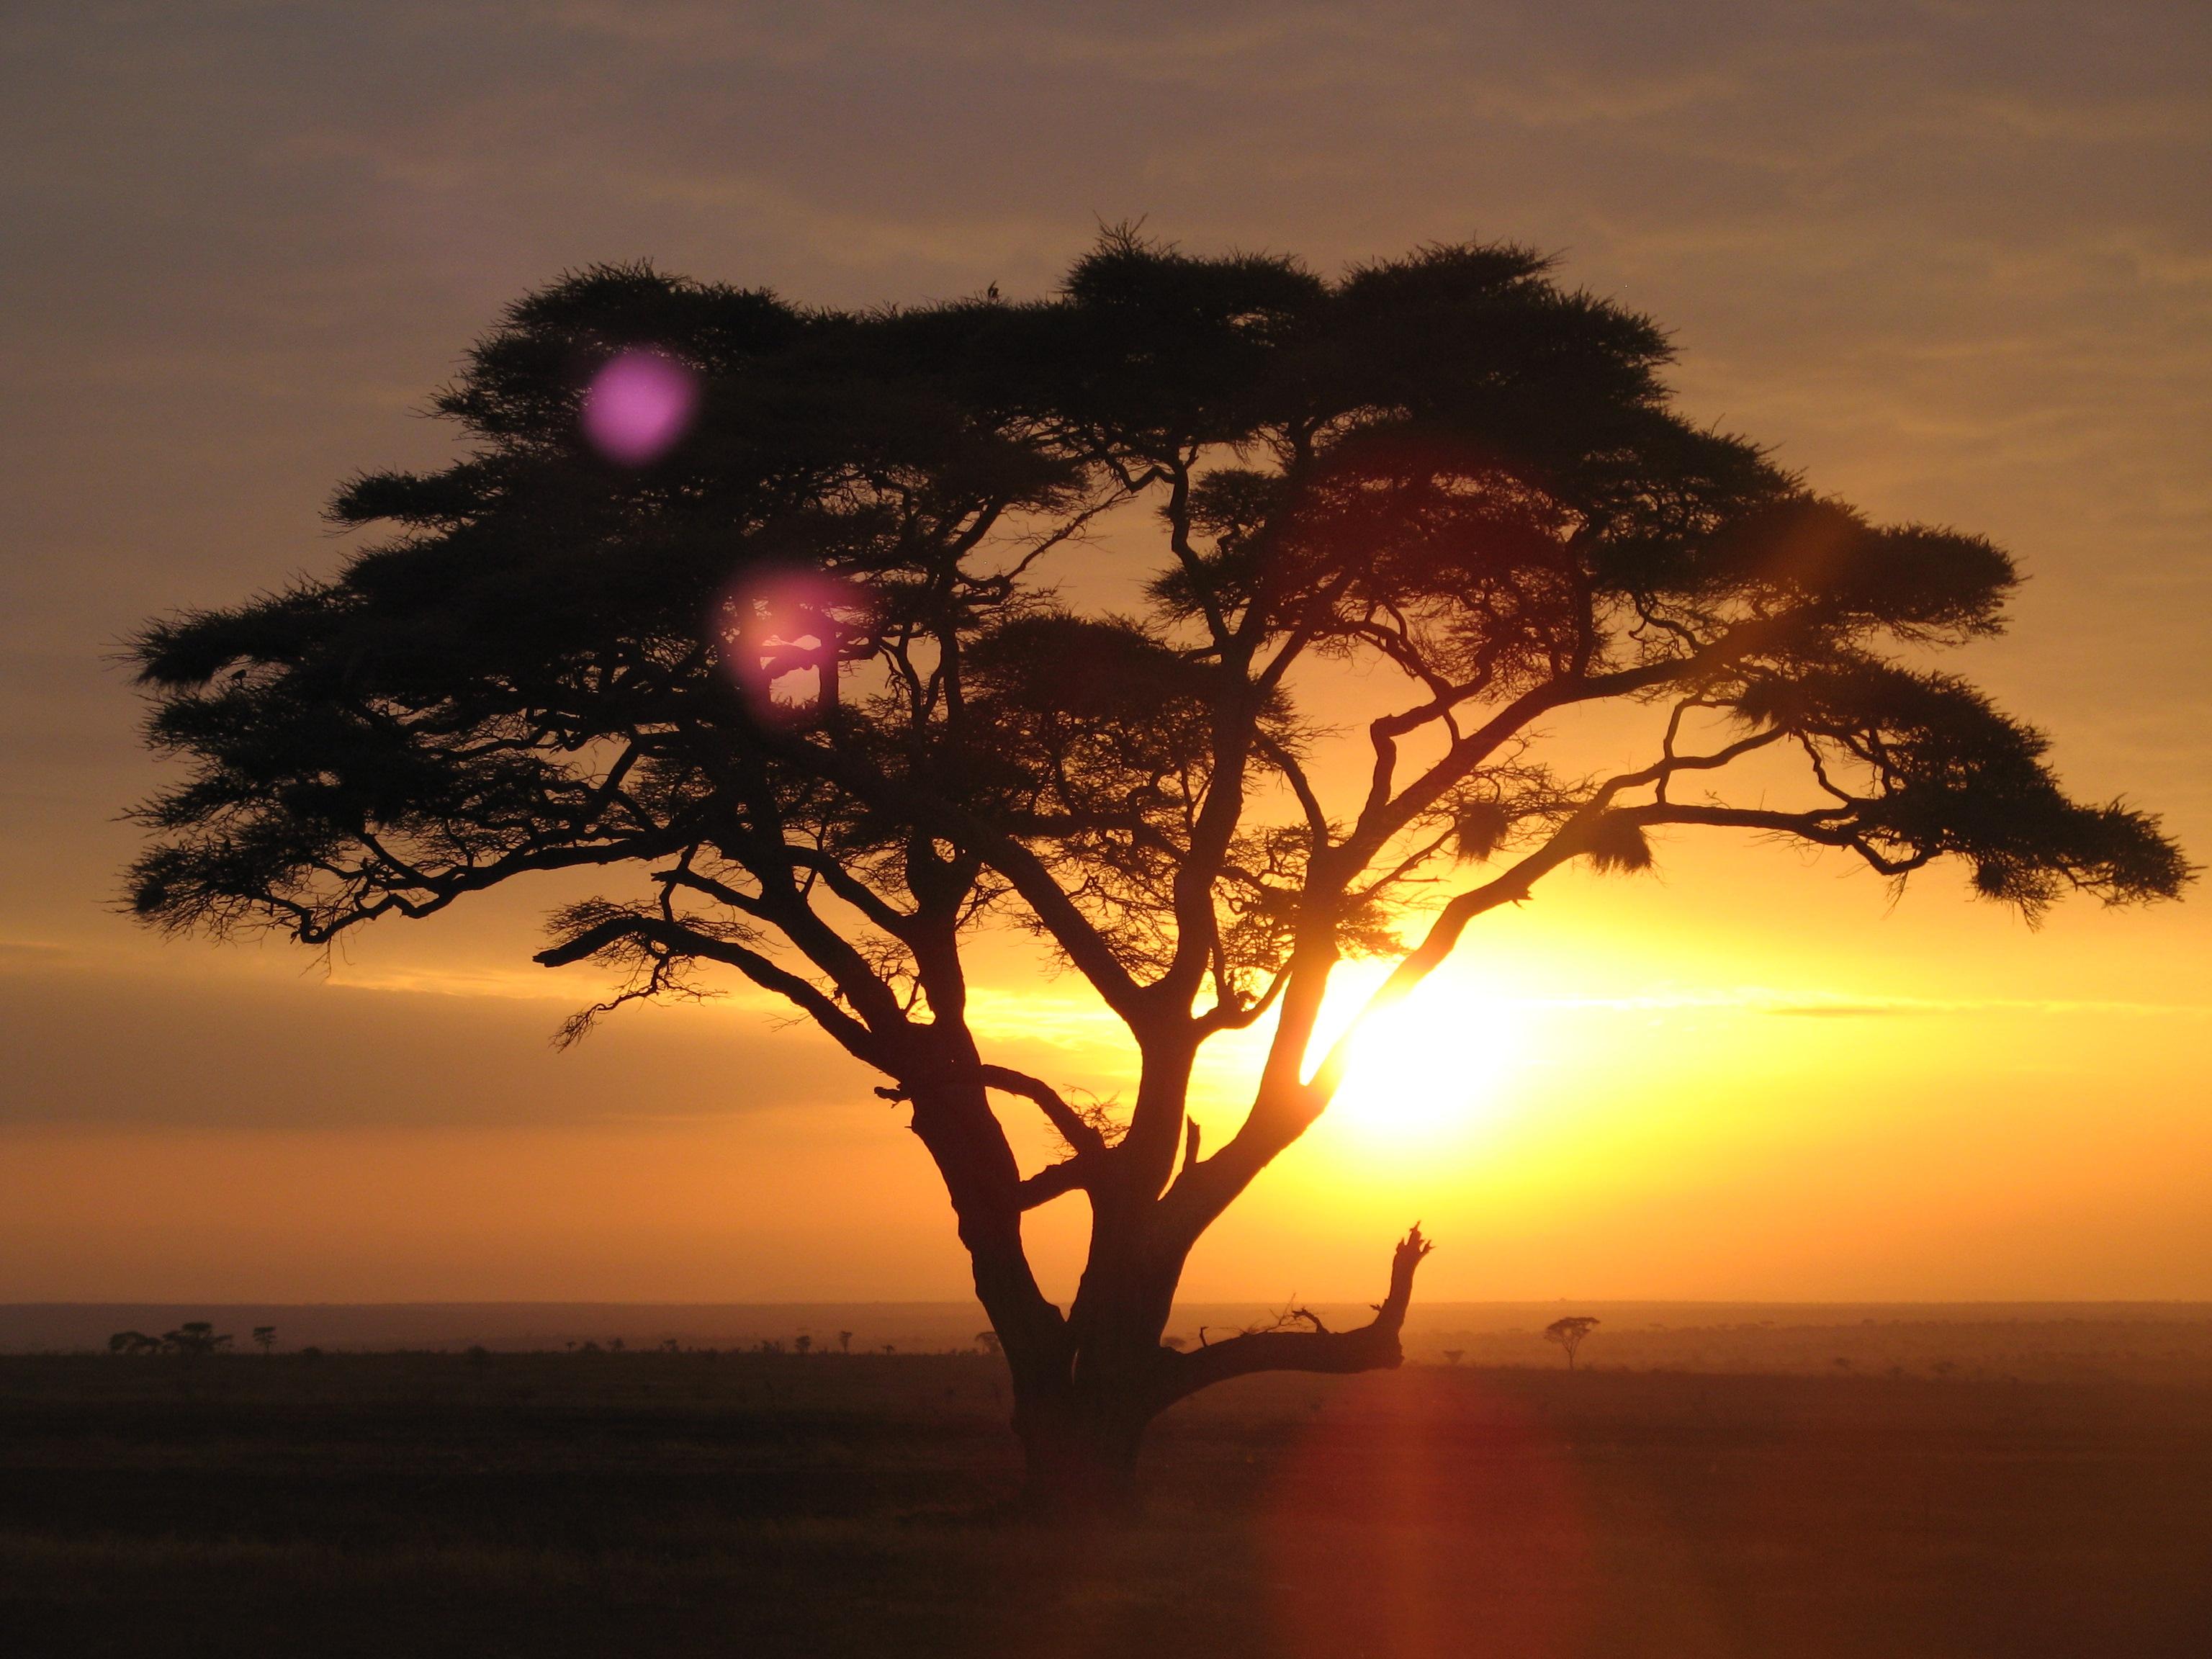 Description Acacia Tree On A Sunrise Safari At The Serengeti National